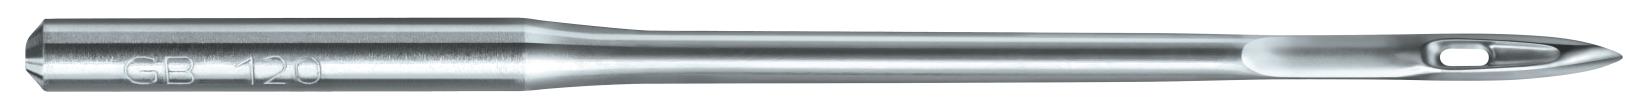 Швейная игла Groz-Beckert 134 LR №90 для кожи